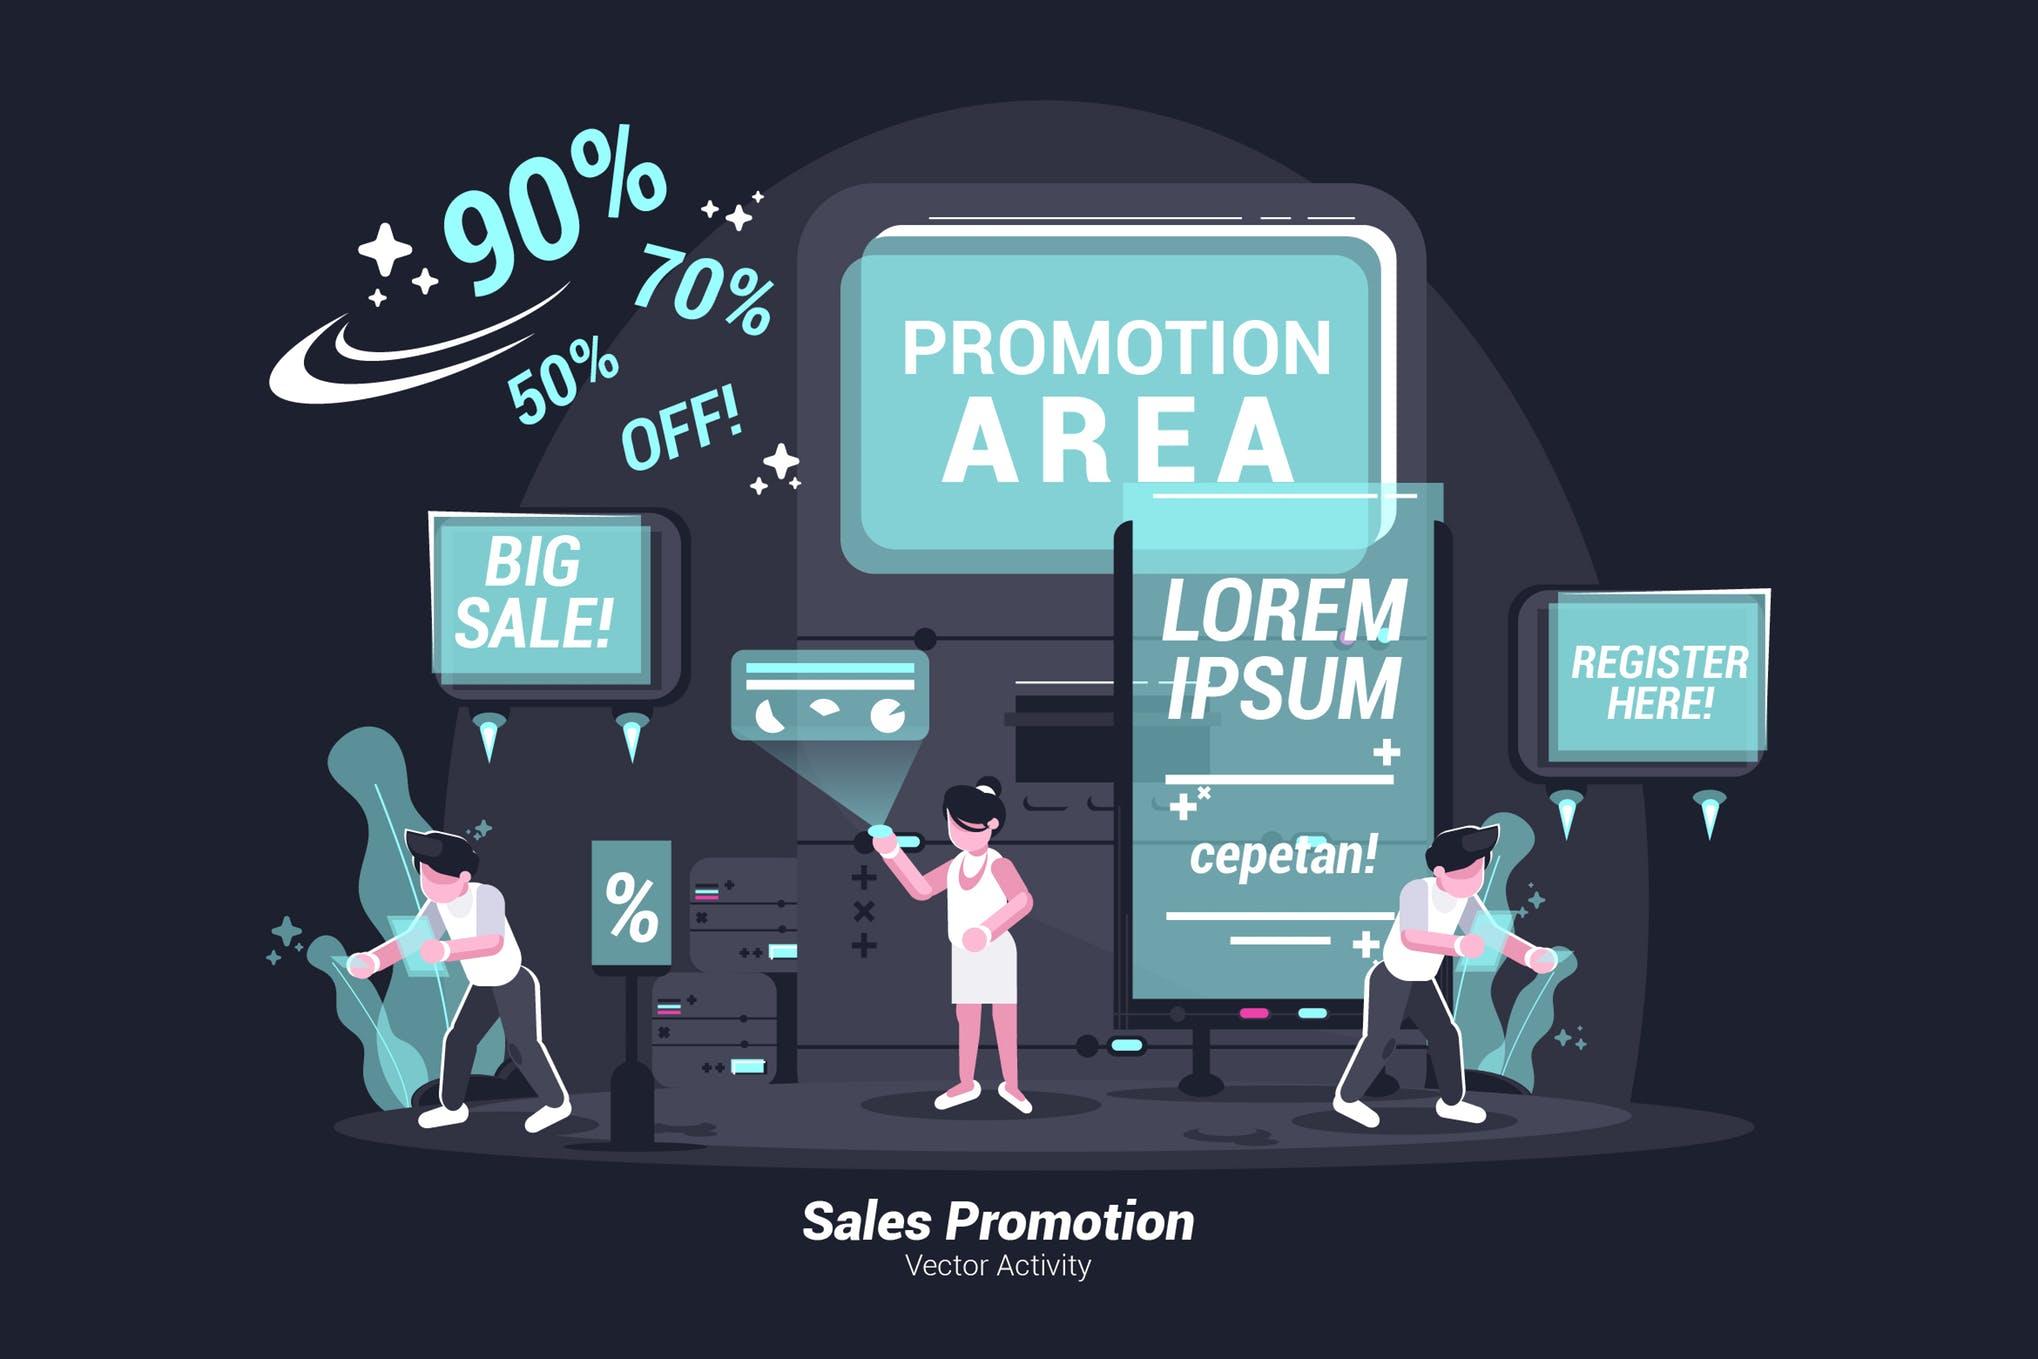 促销类插画场景创意设计素材下载Sales Promotion - Vector Illustration